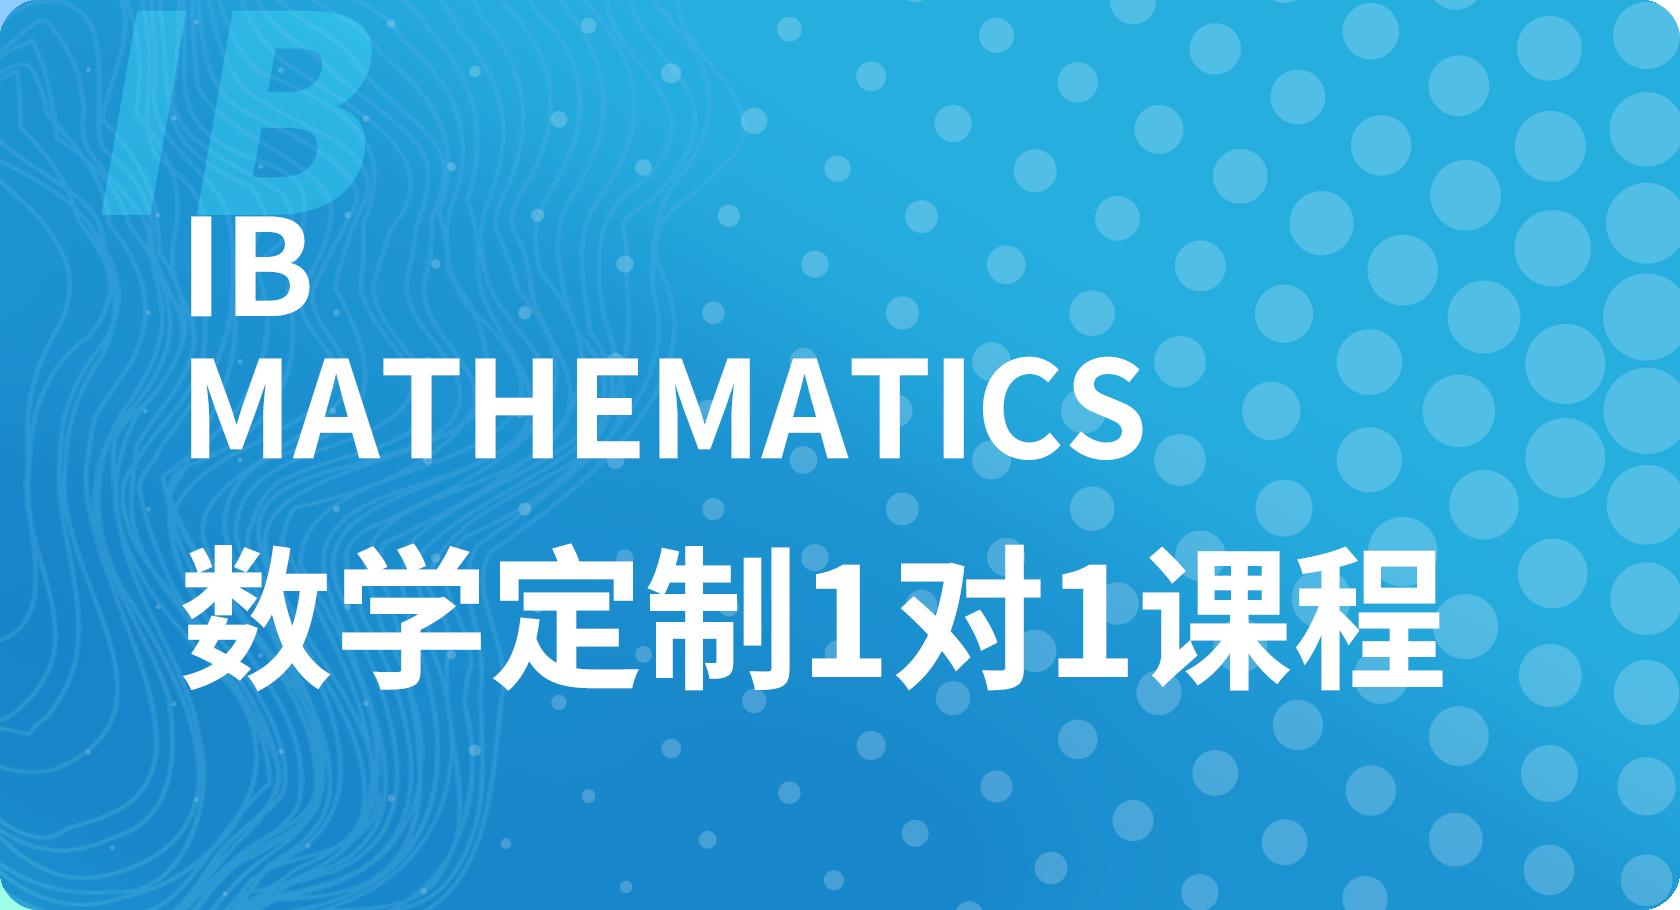 IB数学1对1课程